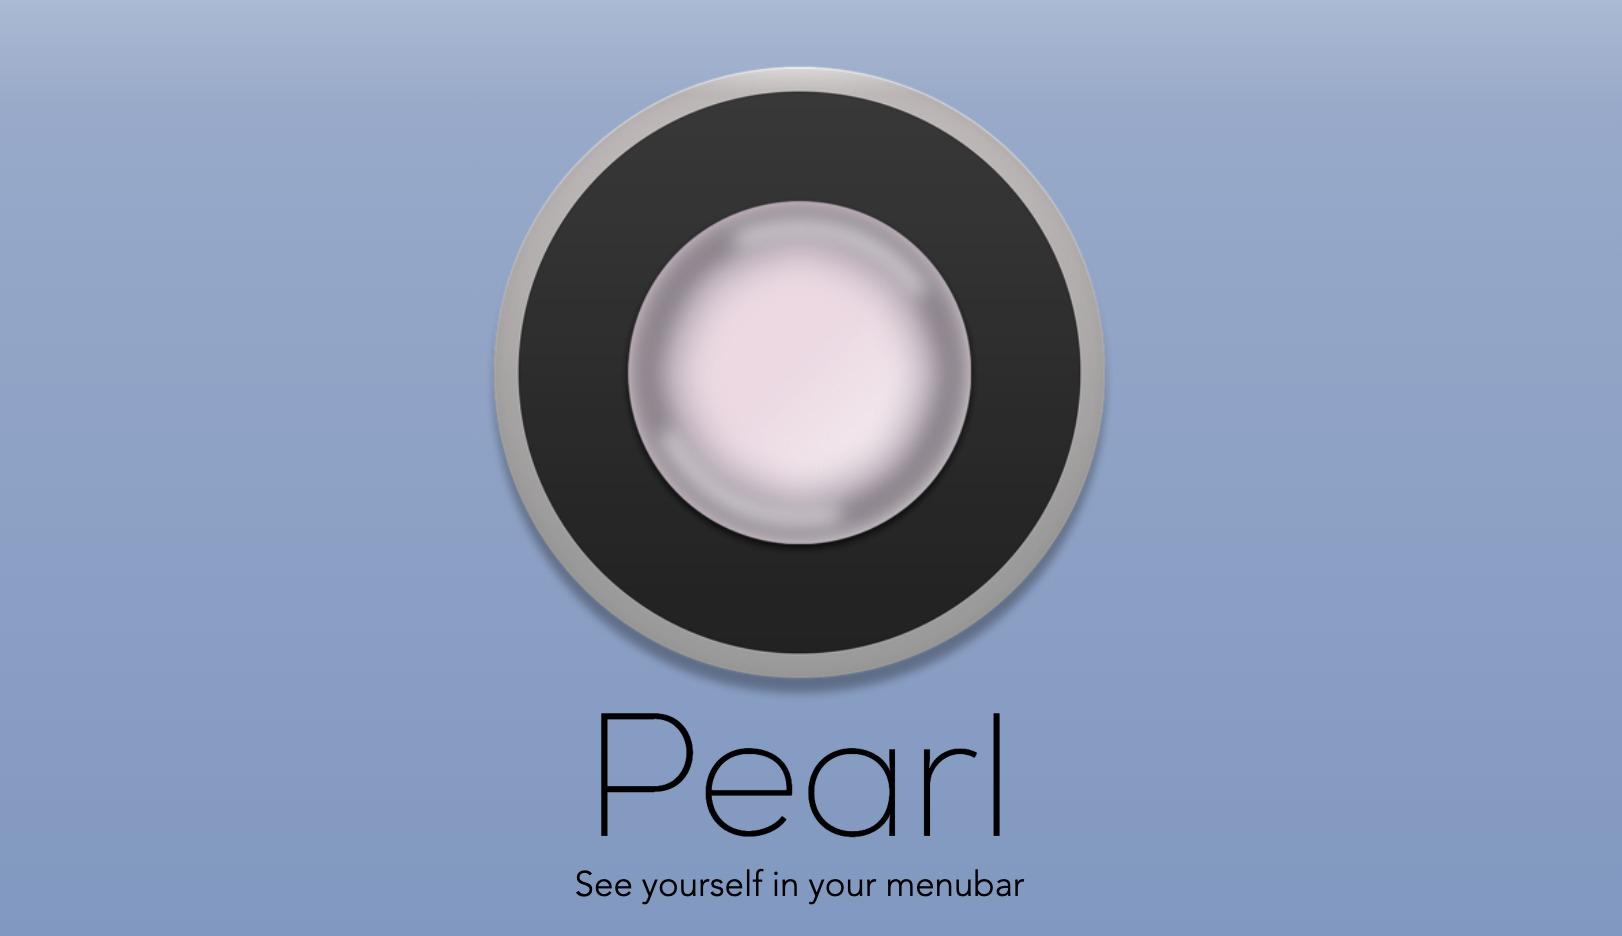 Macのカメラを鏡のように使うアプリPearl